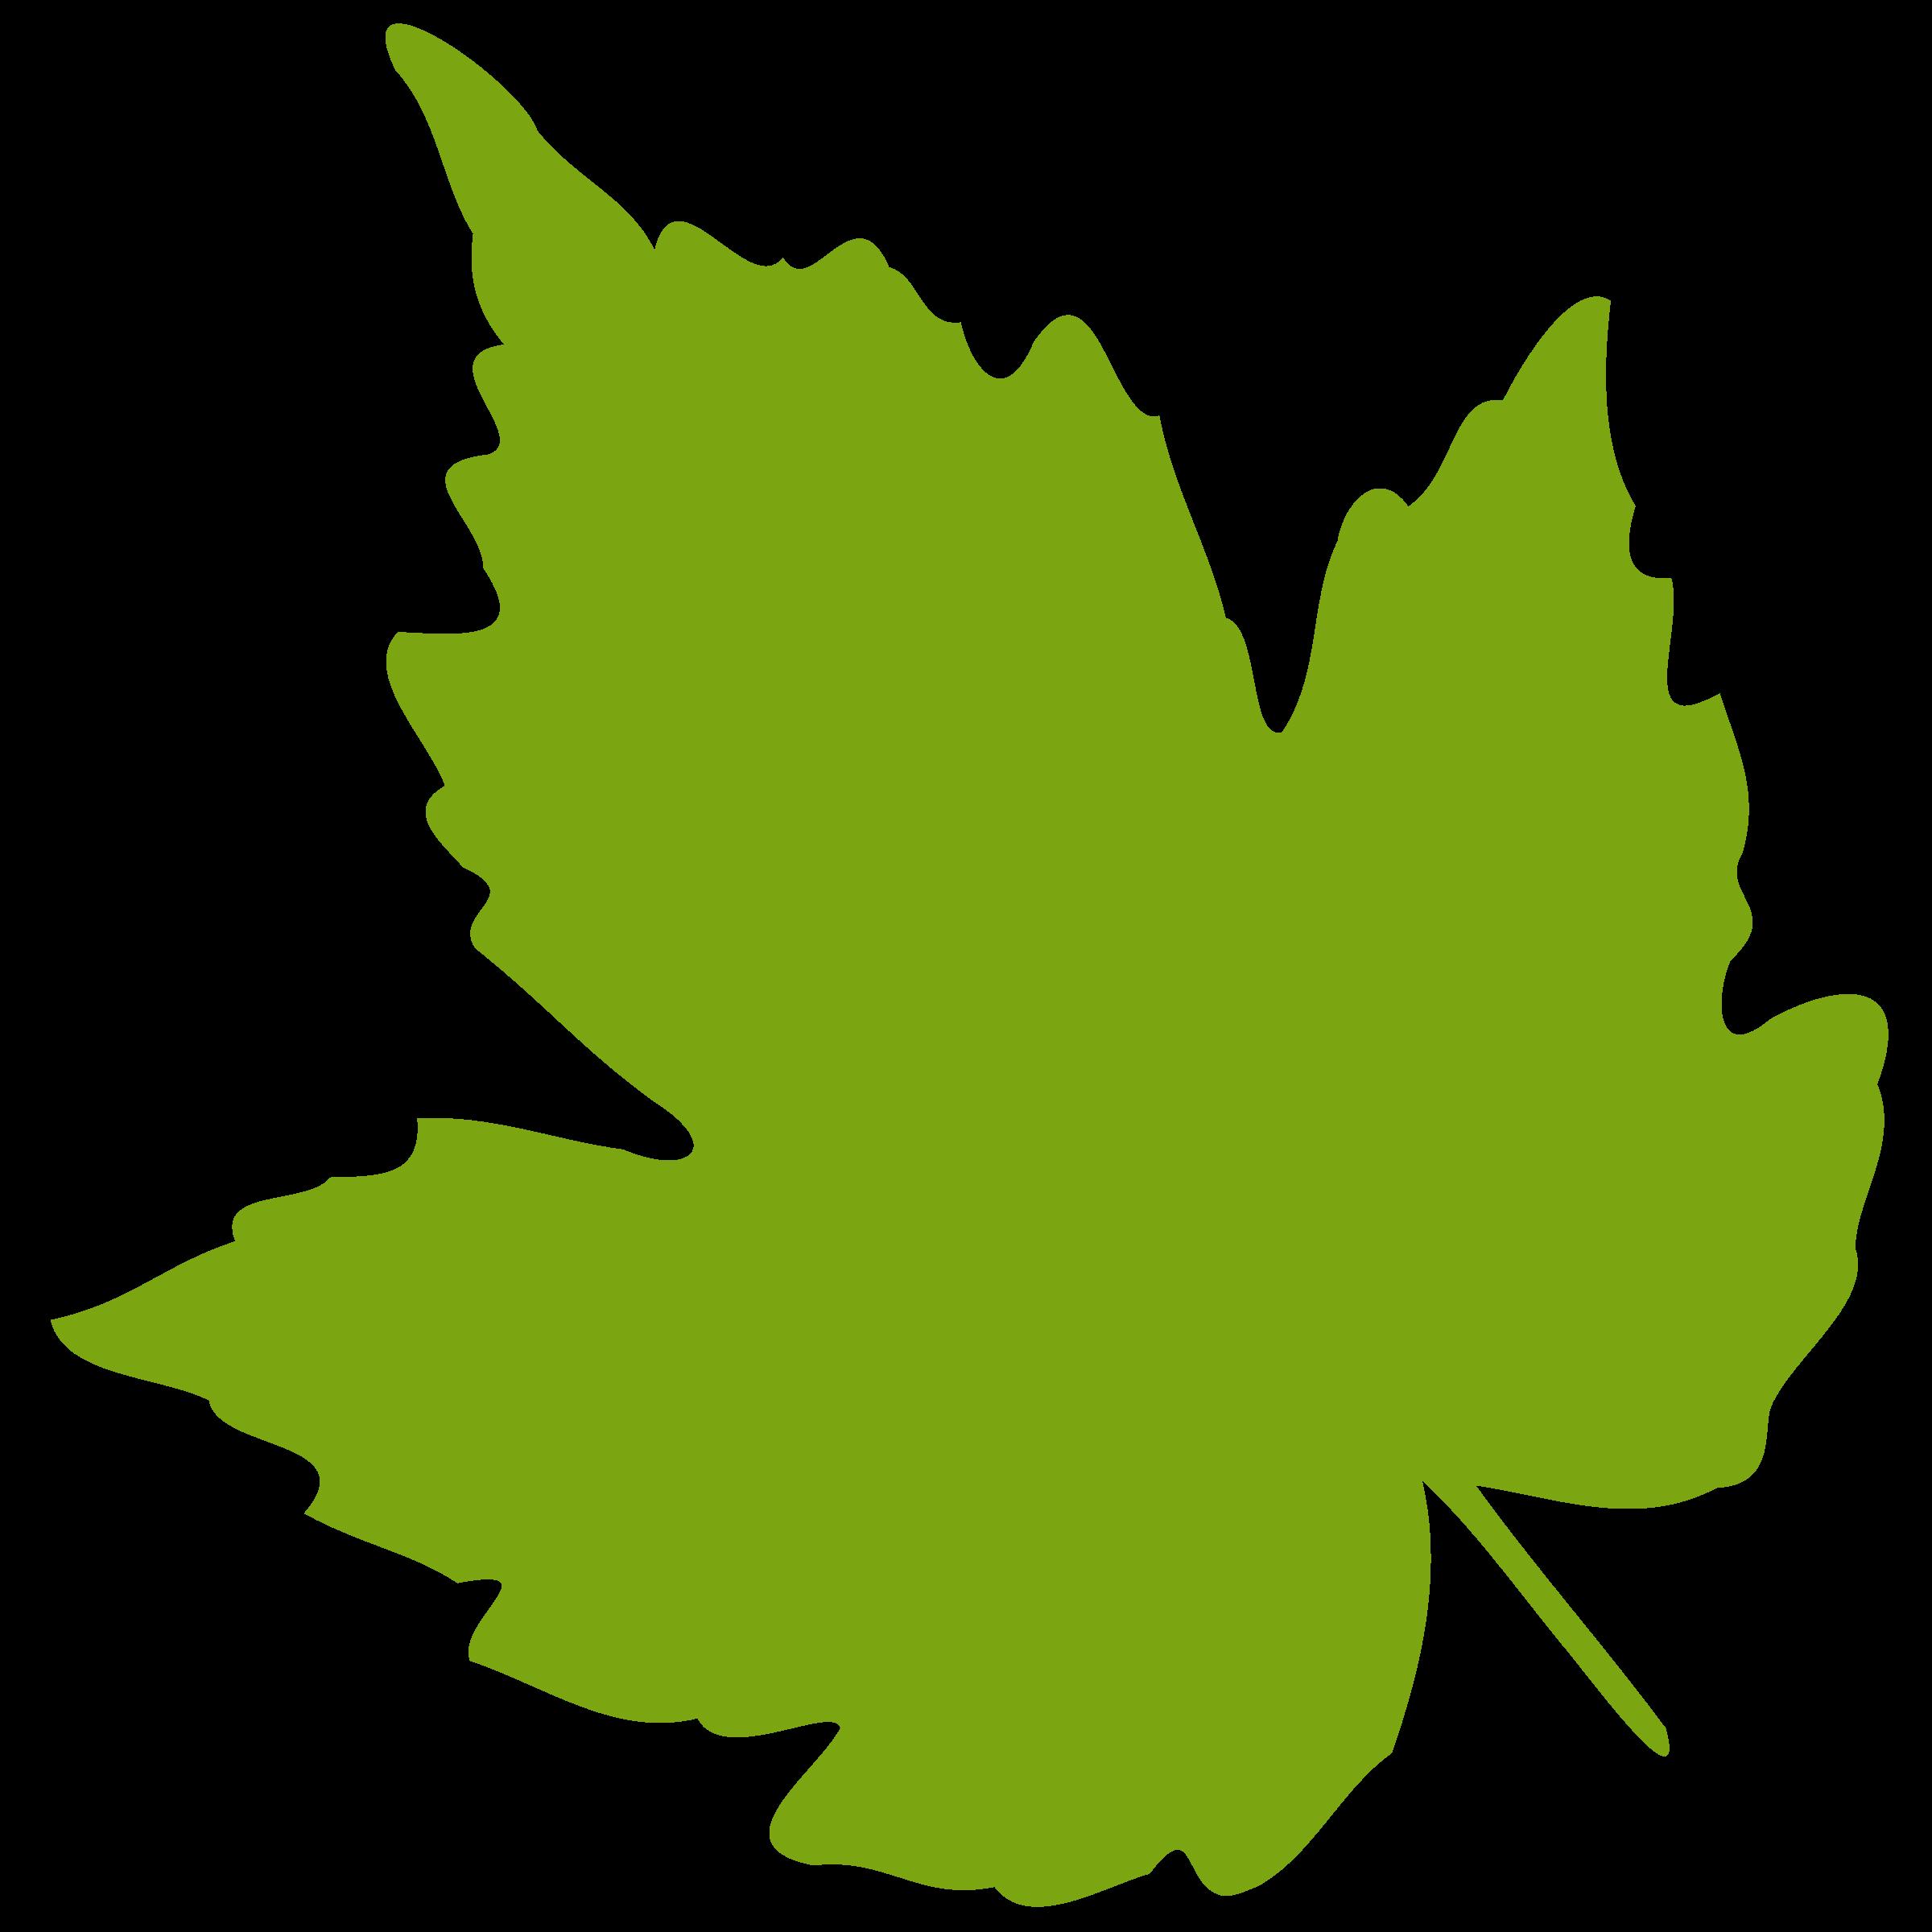 Vines download best on. Free leaf images clipart